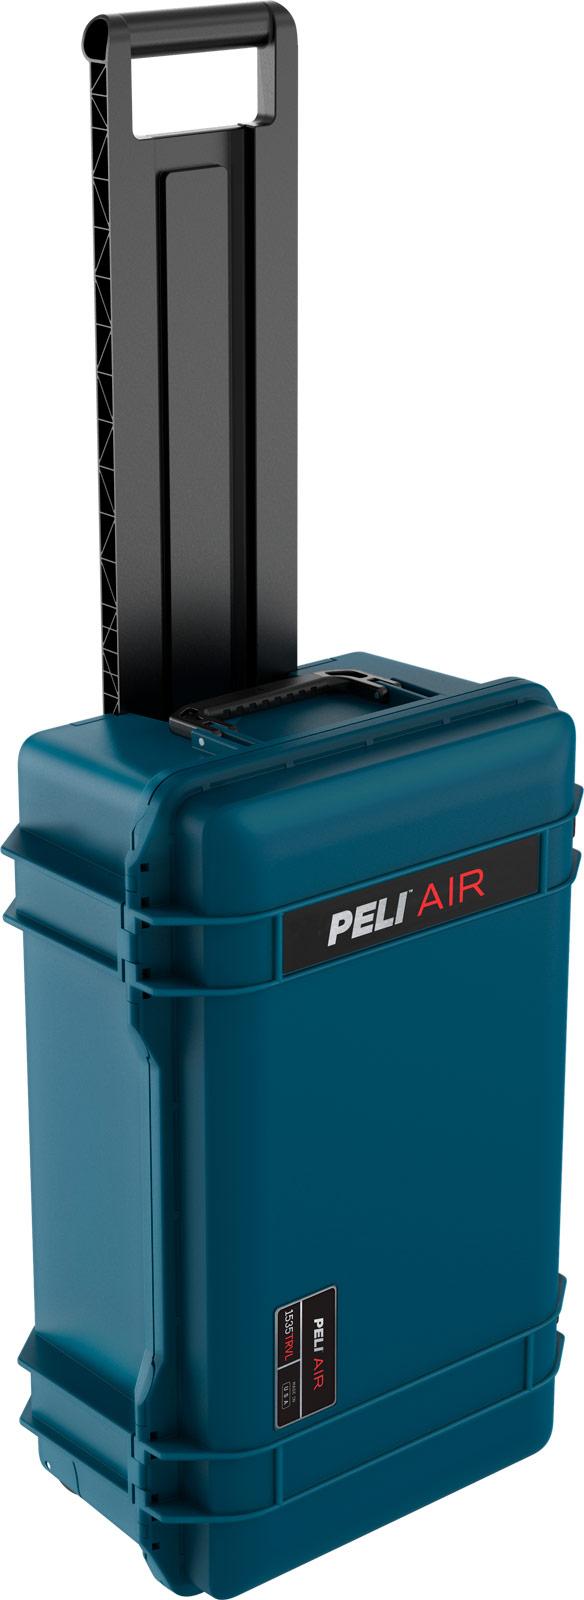 peli 1535 airline travel case